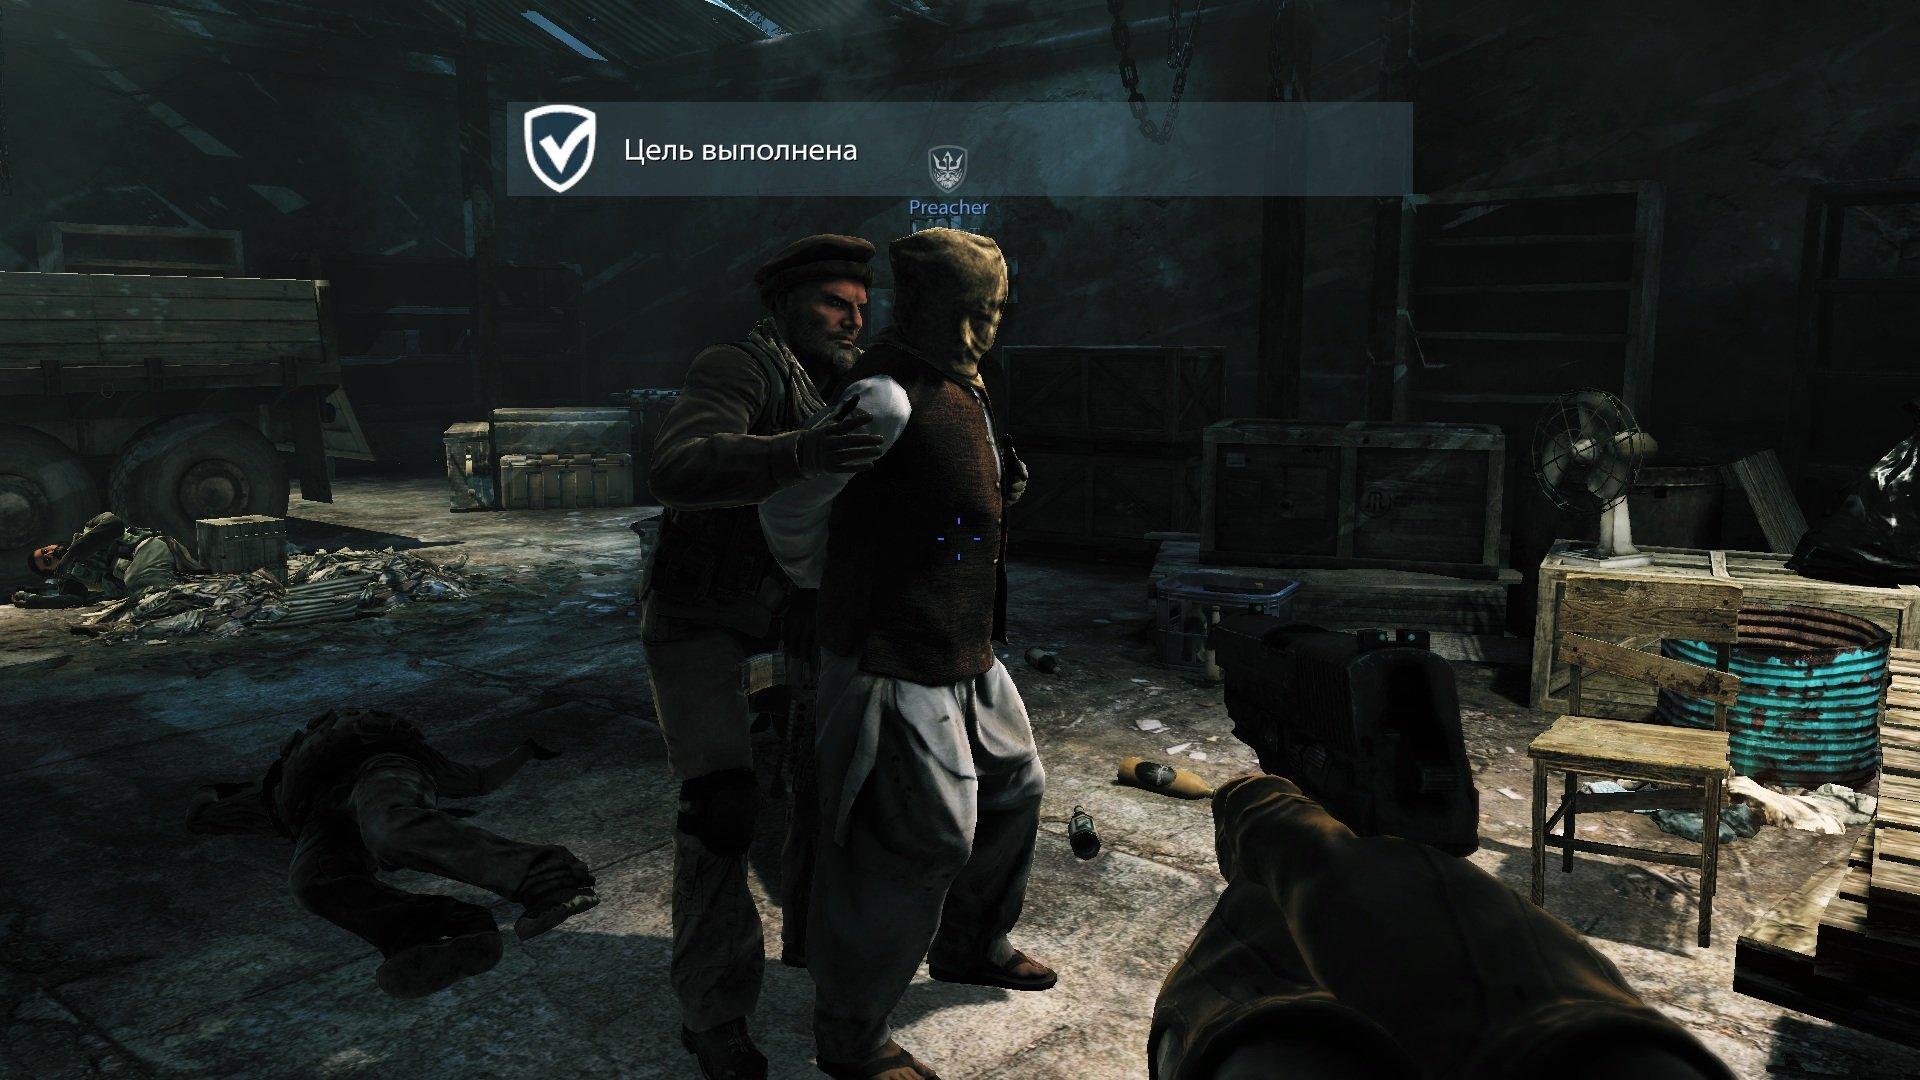 Разработчики Medal of Honor: Wafighter отказались добавлять Усаму бен Ладена - Изображение 1